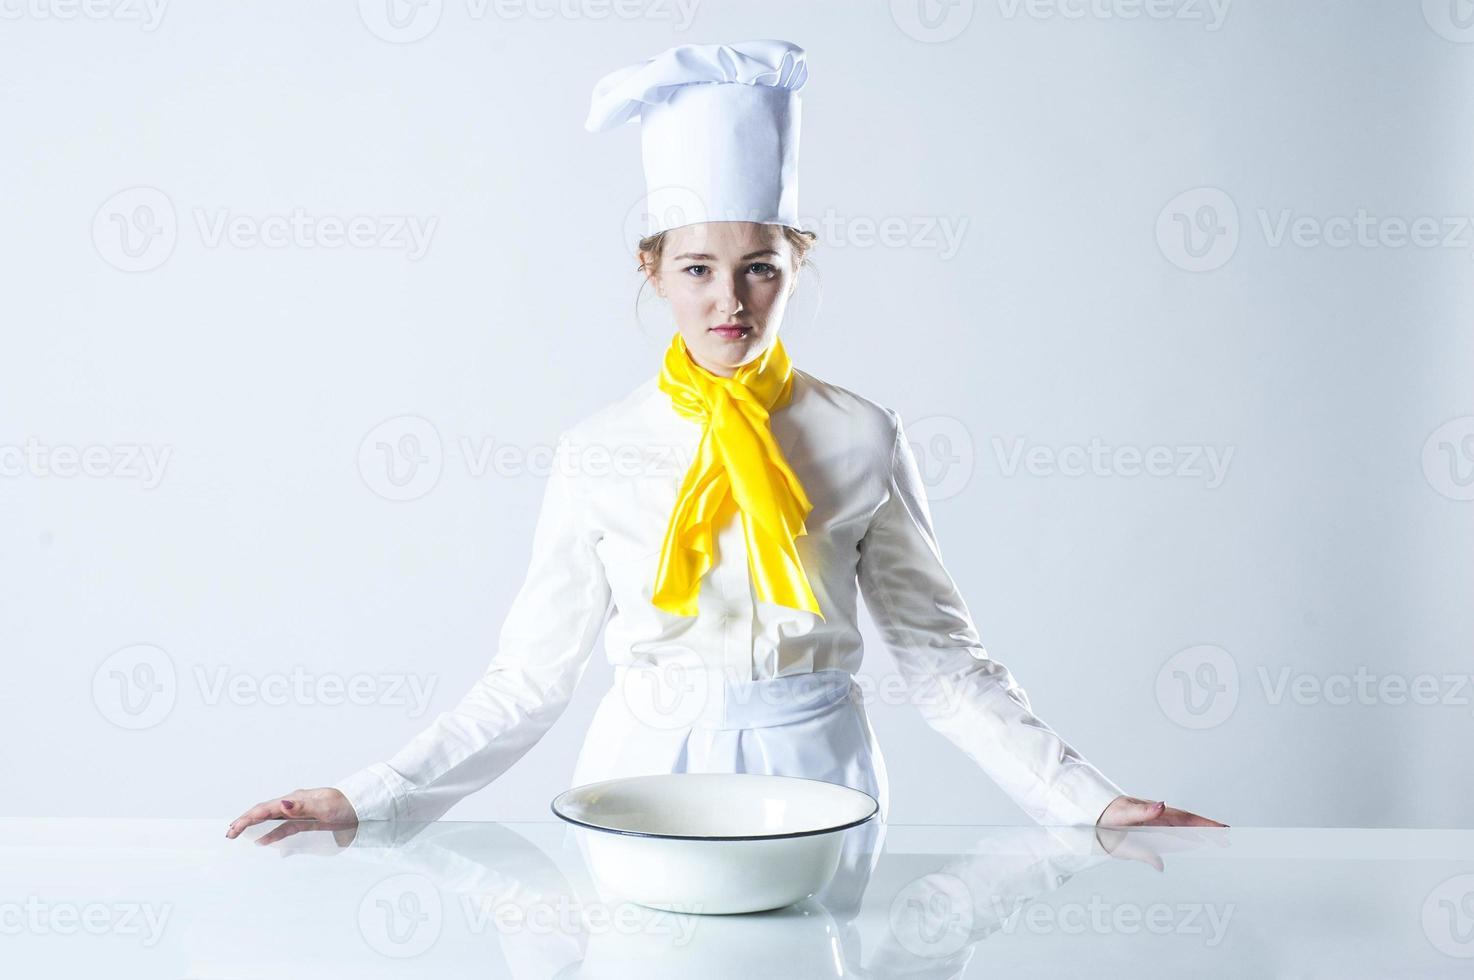 cuisinier concentré photo